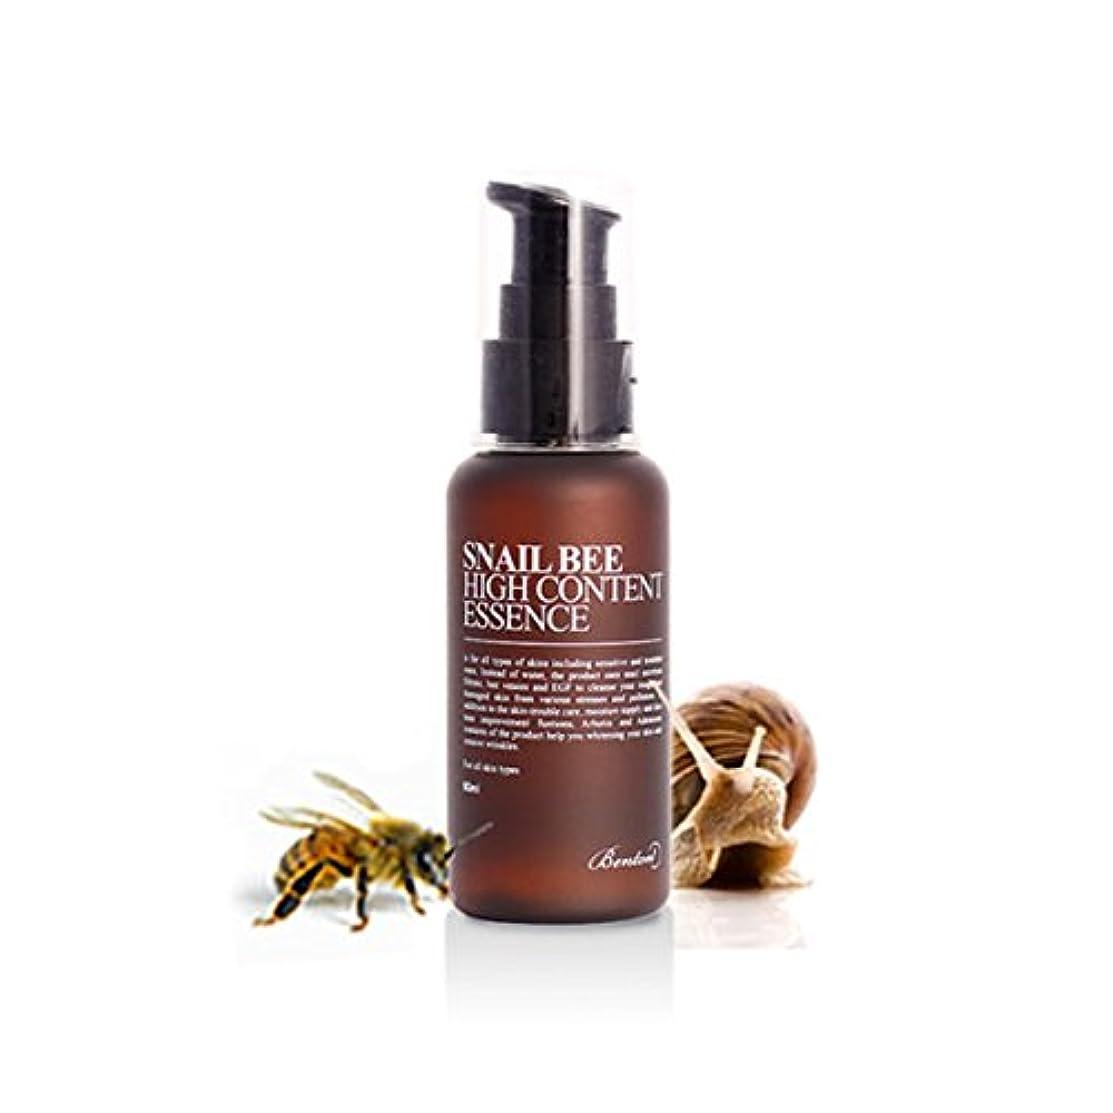 指定する逸話アトミック[ベントン] Benton カタツムリ蜂ハイコンテンツエッセンス Snail Bee High Content Essence 60ml [並行輸入品]